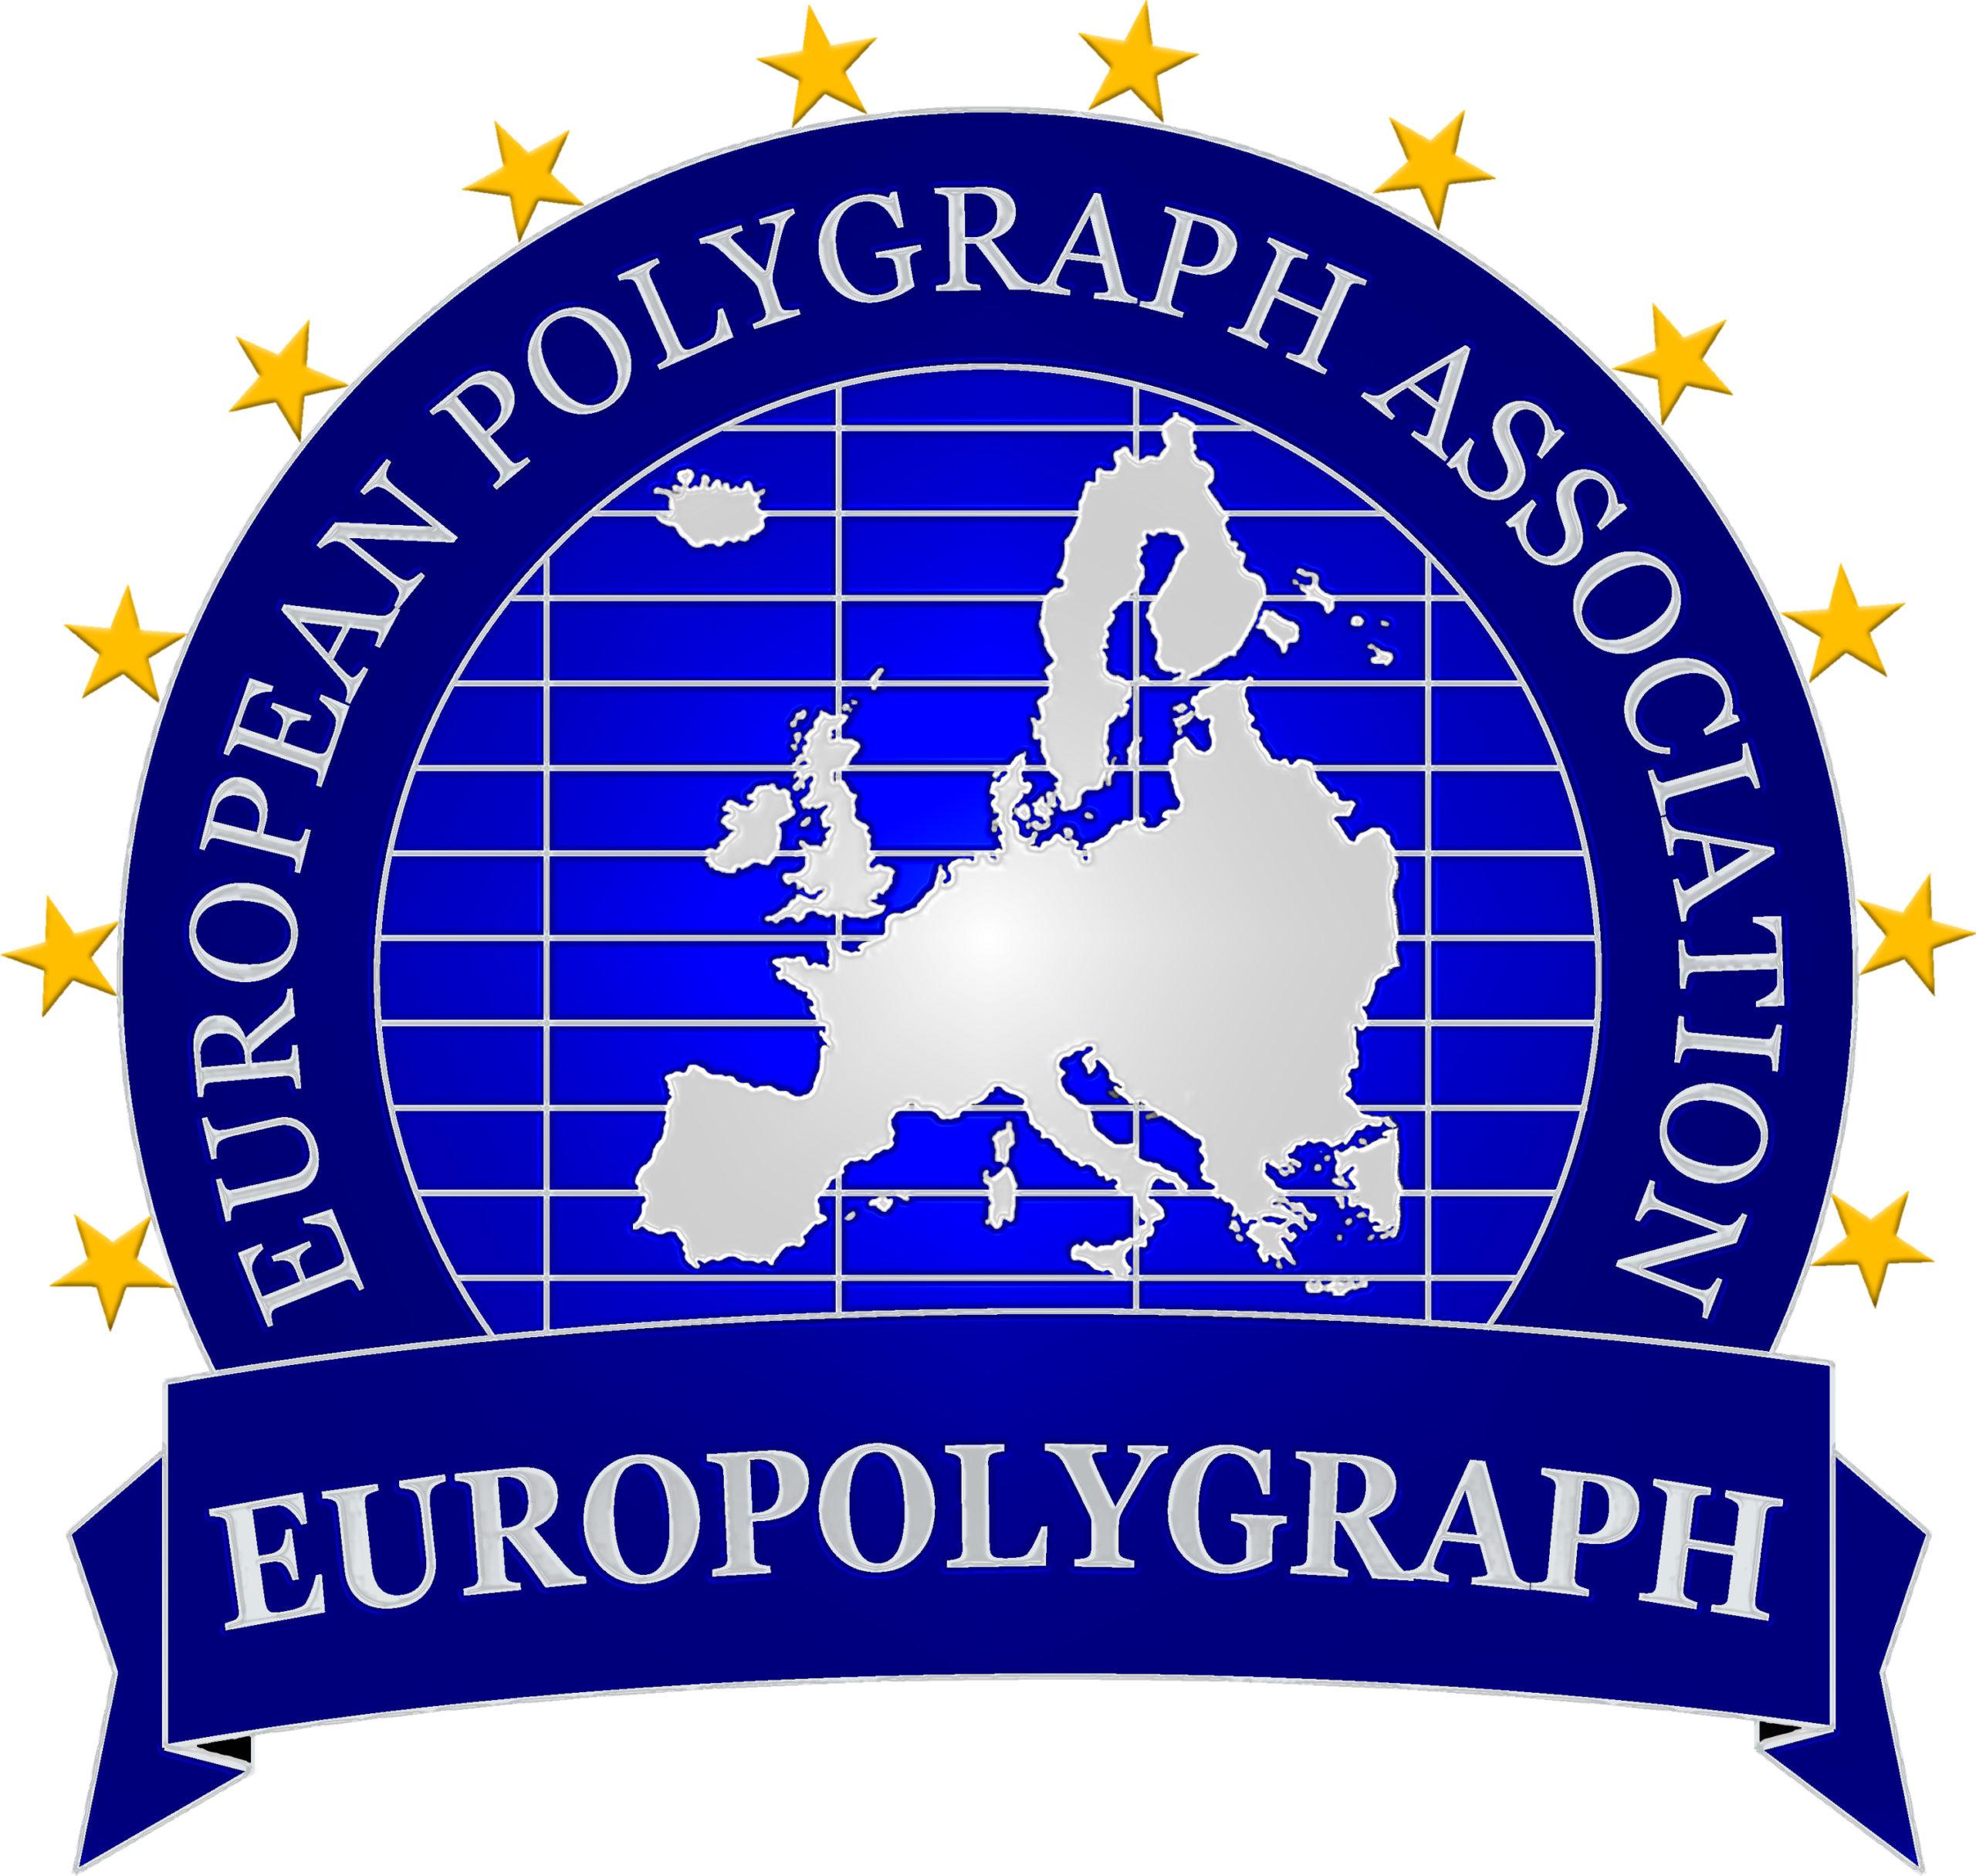 Asociación Europea de Polígrafo - Europolygraph